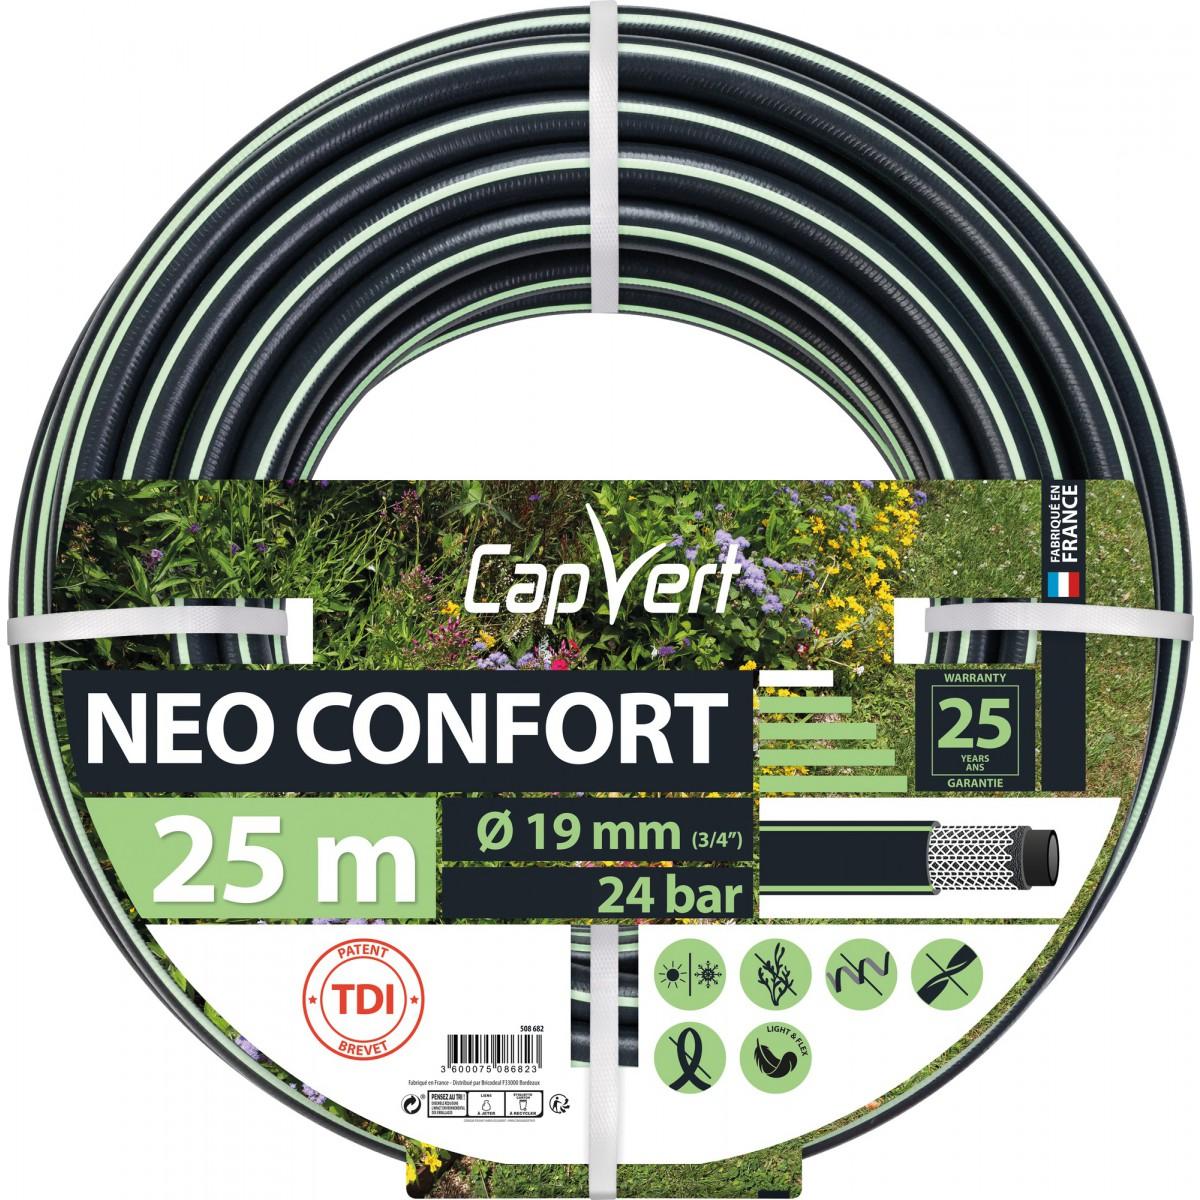 Tuyau d'arrosage Néo Confort Cap Vert - Diamètre 19 mm - Longueur 25 m